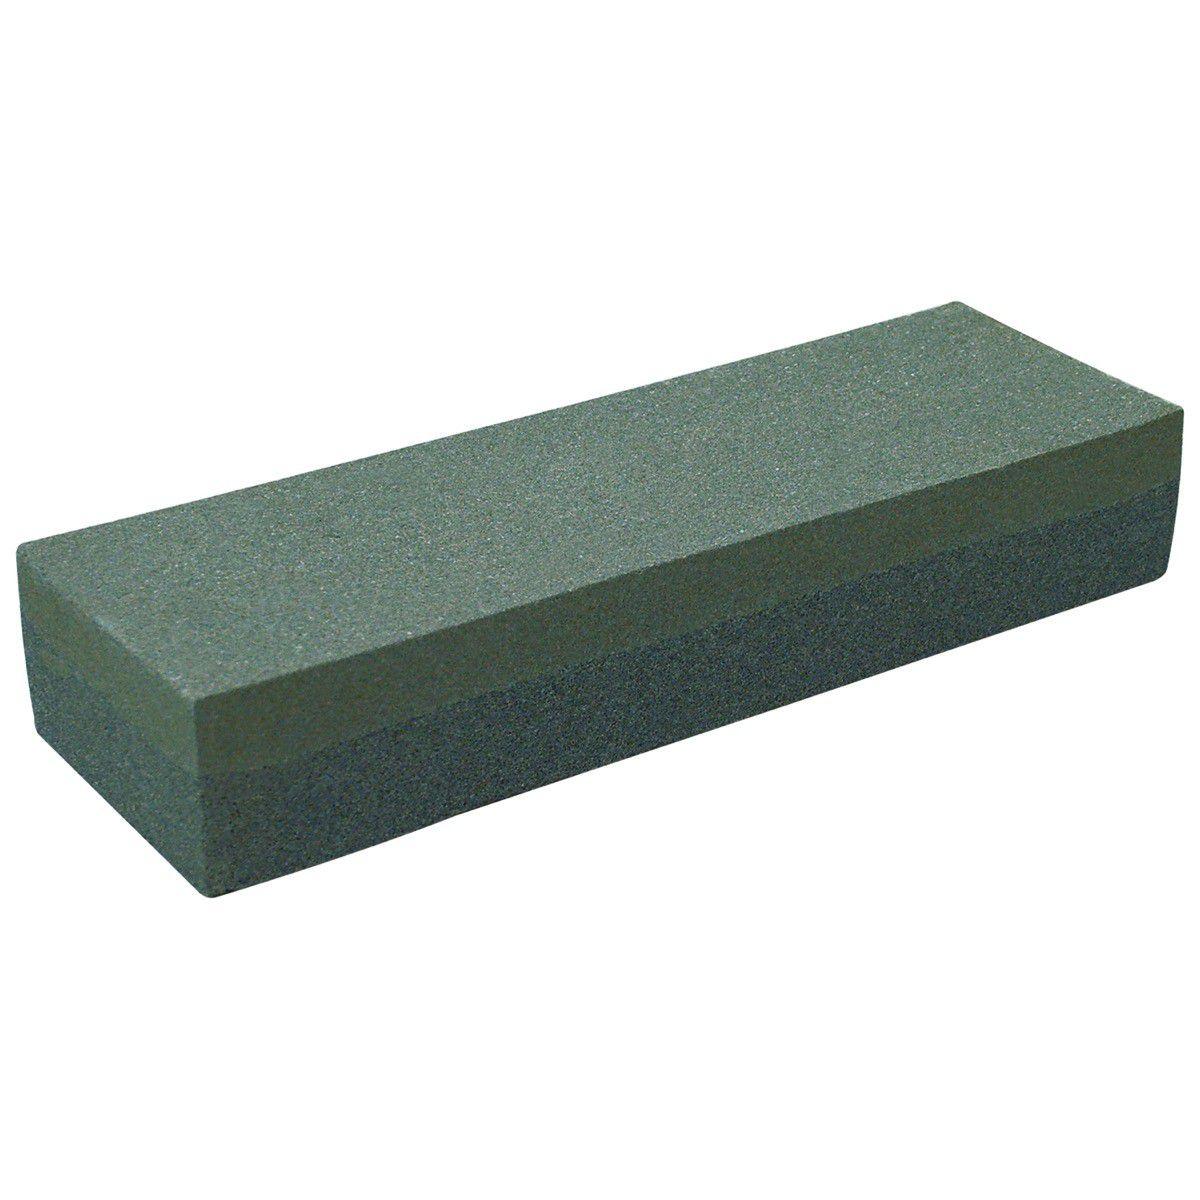 Pedra De Afiar Dupla Face Corte Forte 6